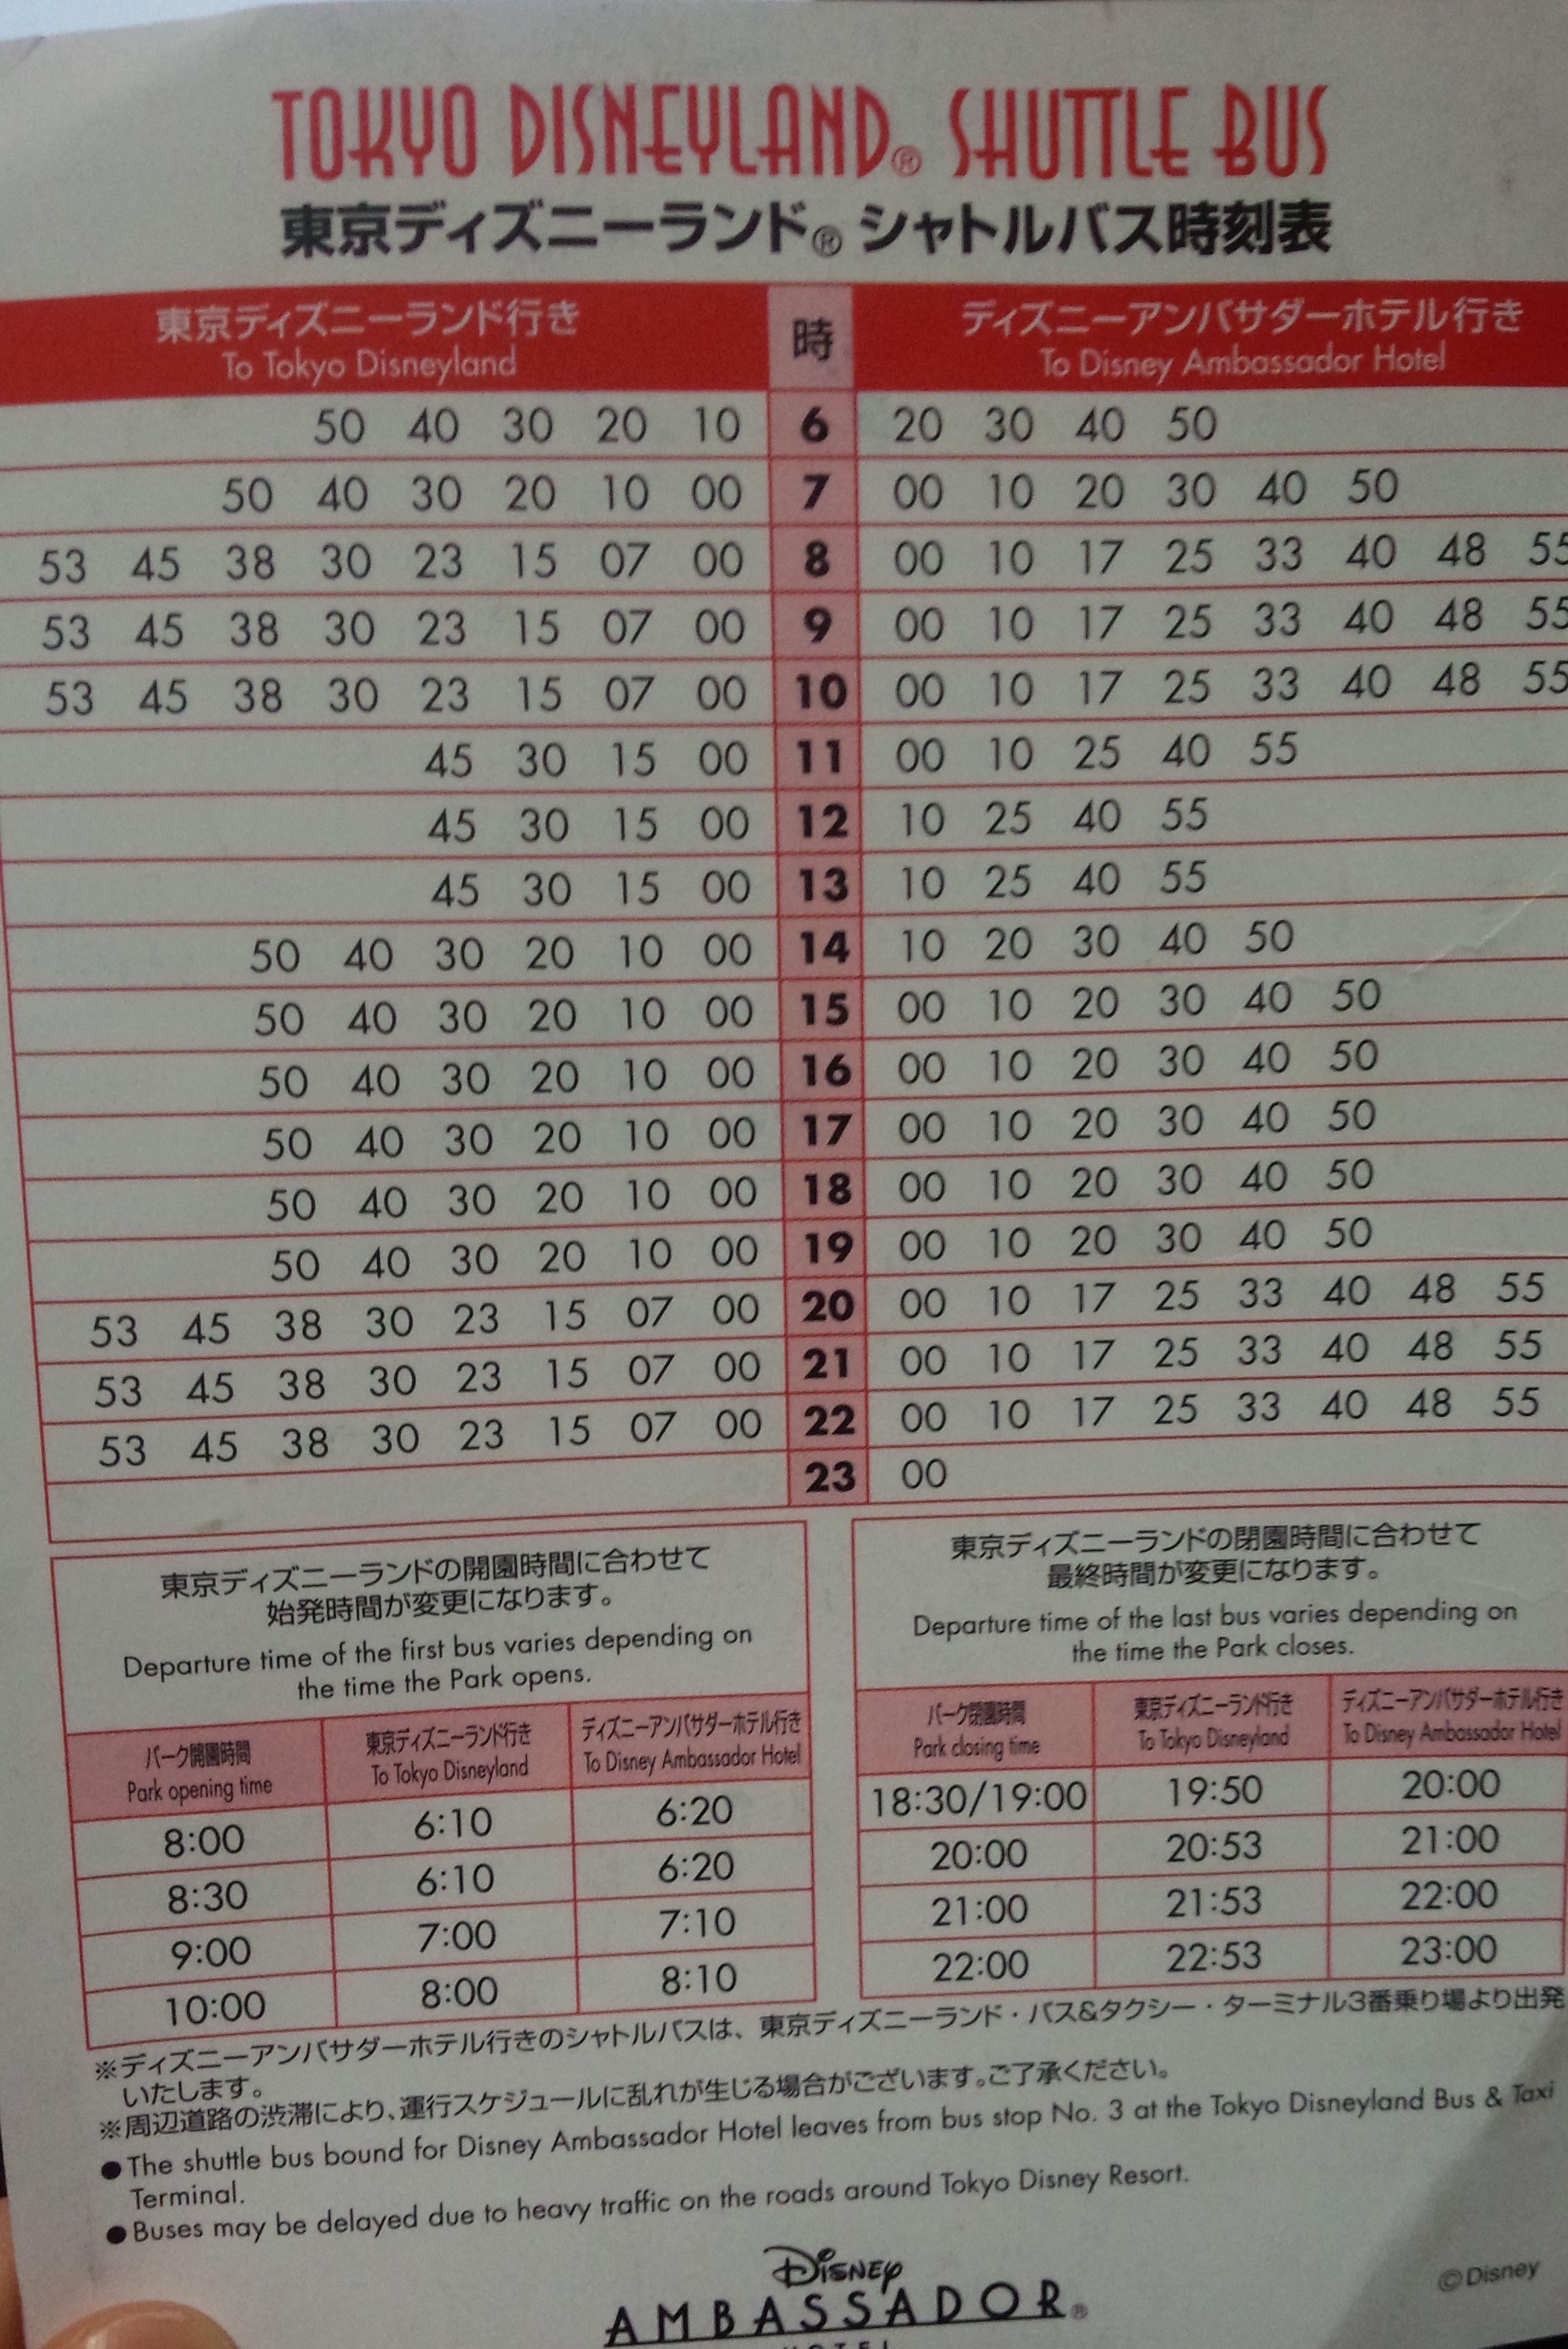 ディズニーアンバサダーホテルはバスの時刻表に要注意。 | もっと